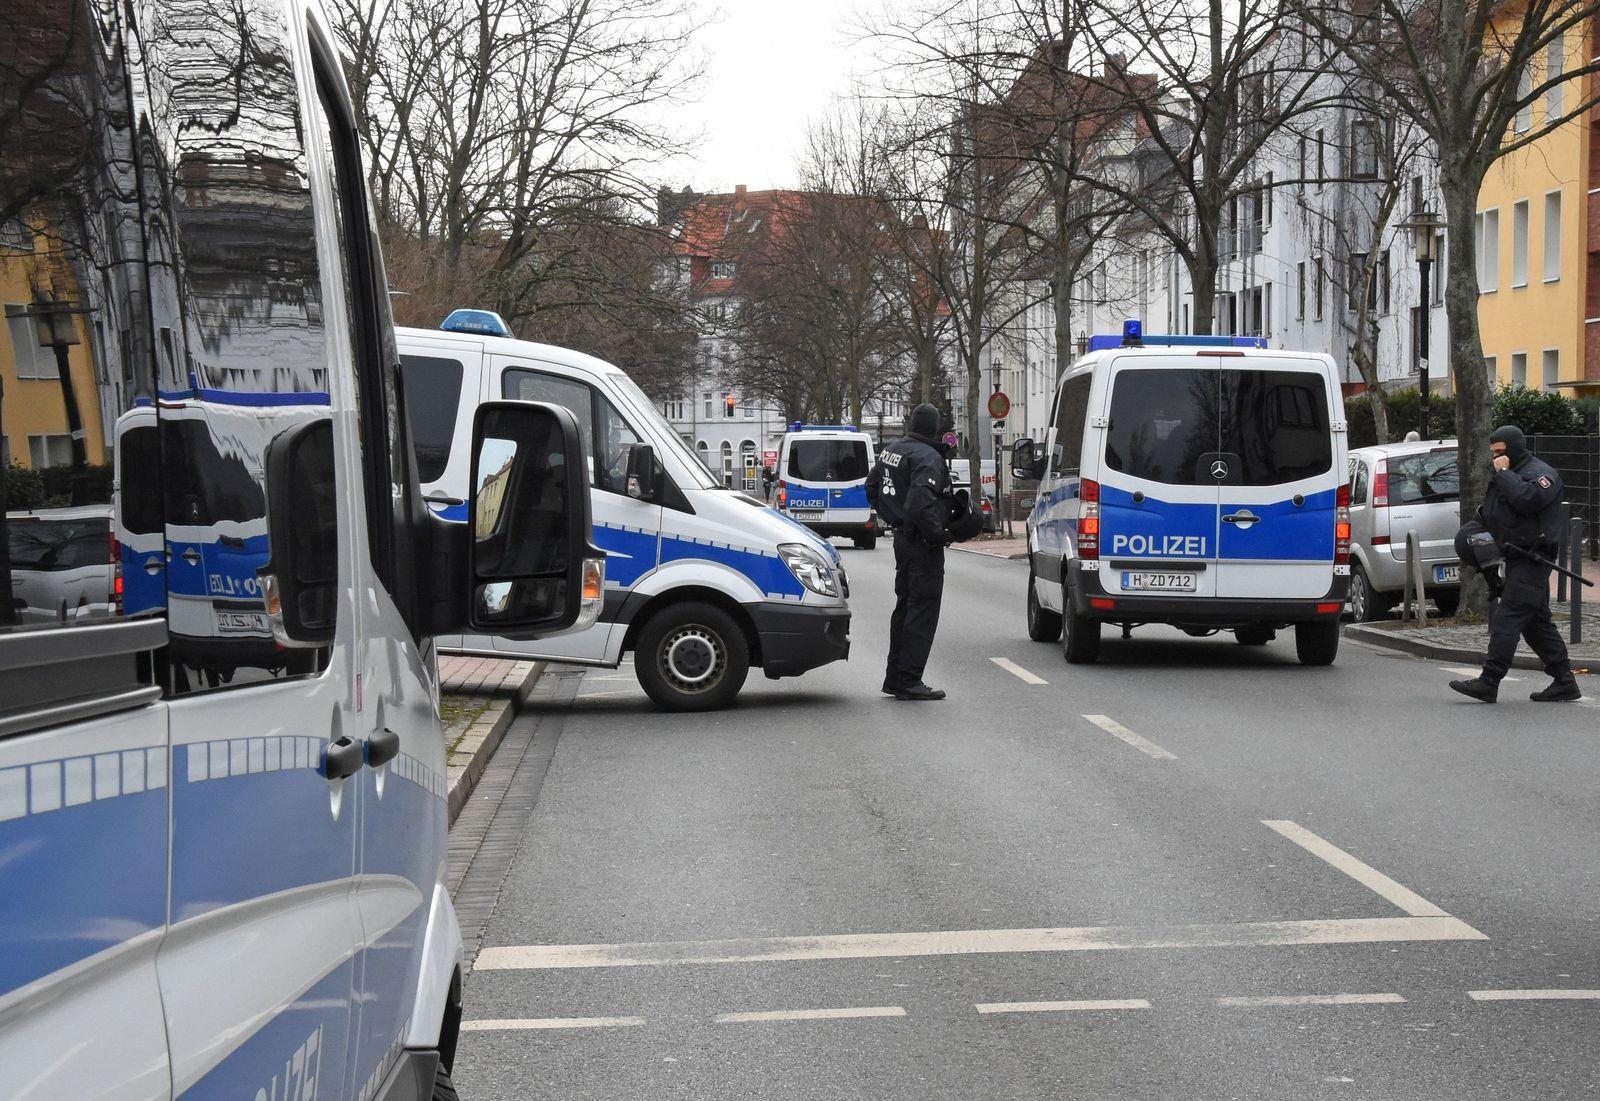 Razzia/ Islamisten/ Hildesheim